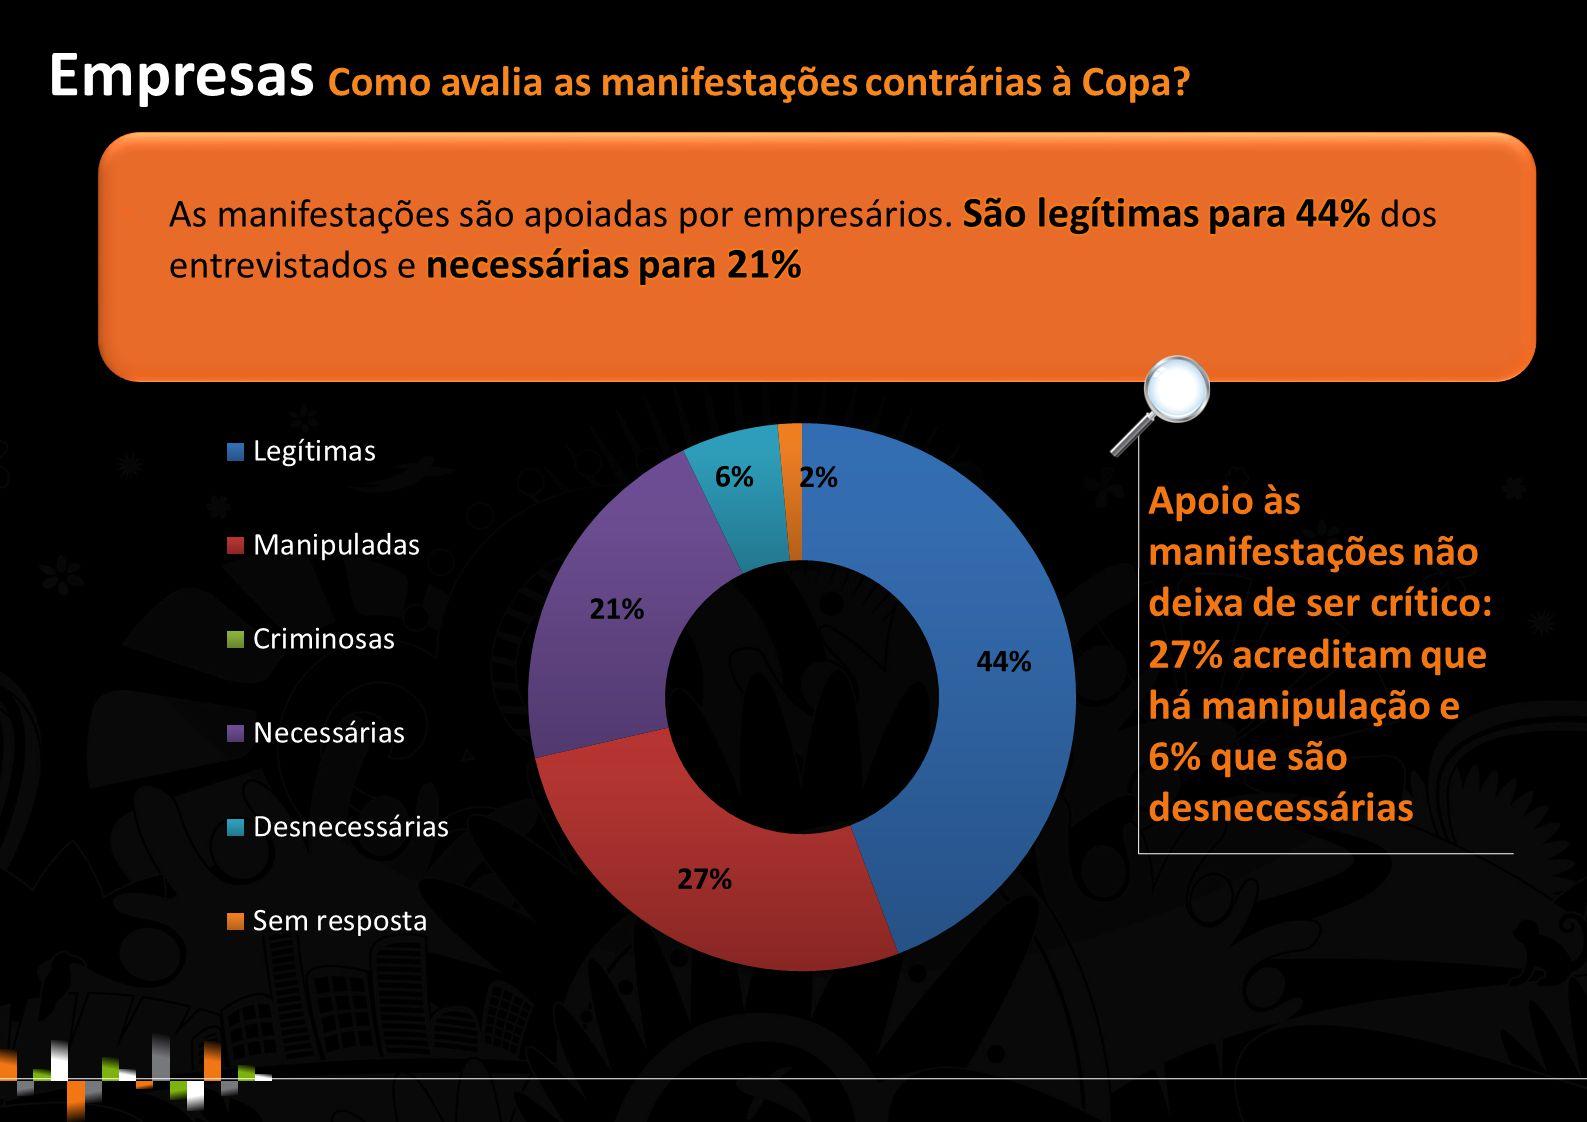 Apoio às manifestações não deixa de ser crítico: 27% acreditam que há manipulação e 6% que são desnecessárias Empresas Como avalia as manifestações contrárias à Copa?